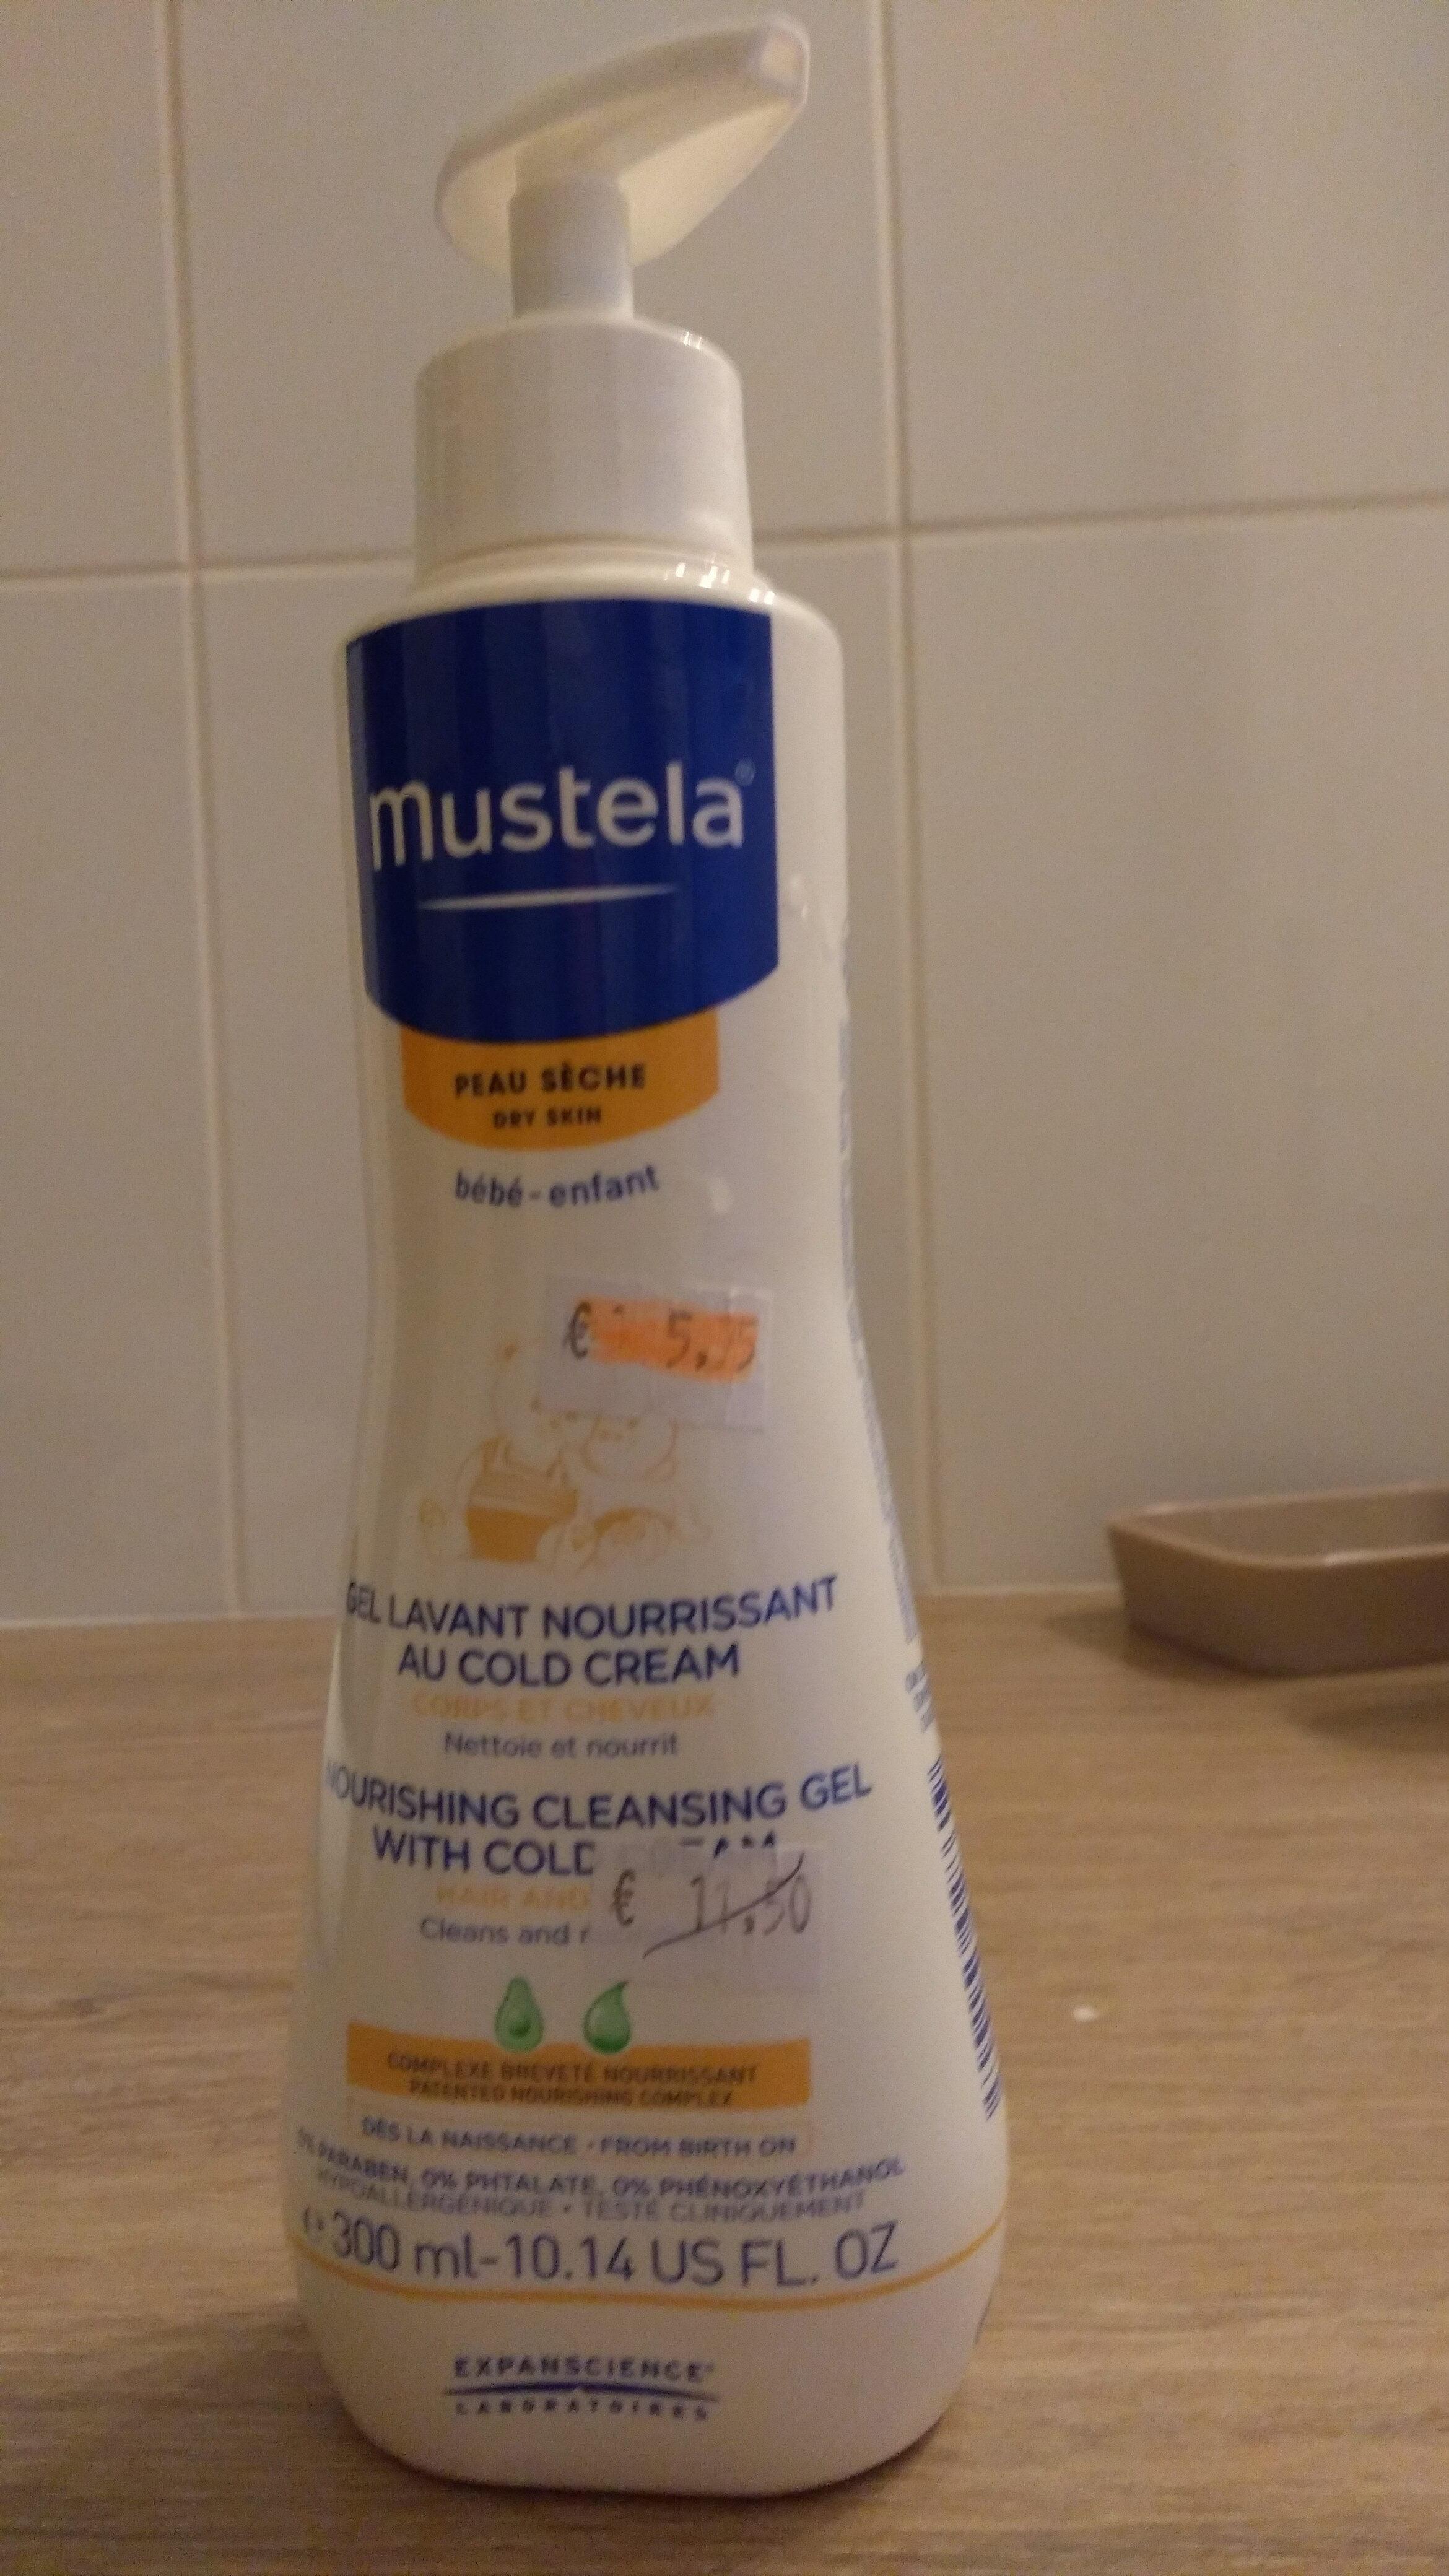 Mustela Gel Lavant Nourrissant au Cold Cream - Product - en